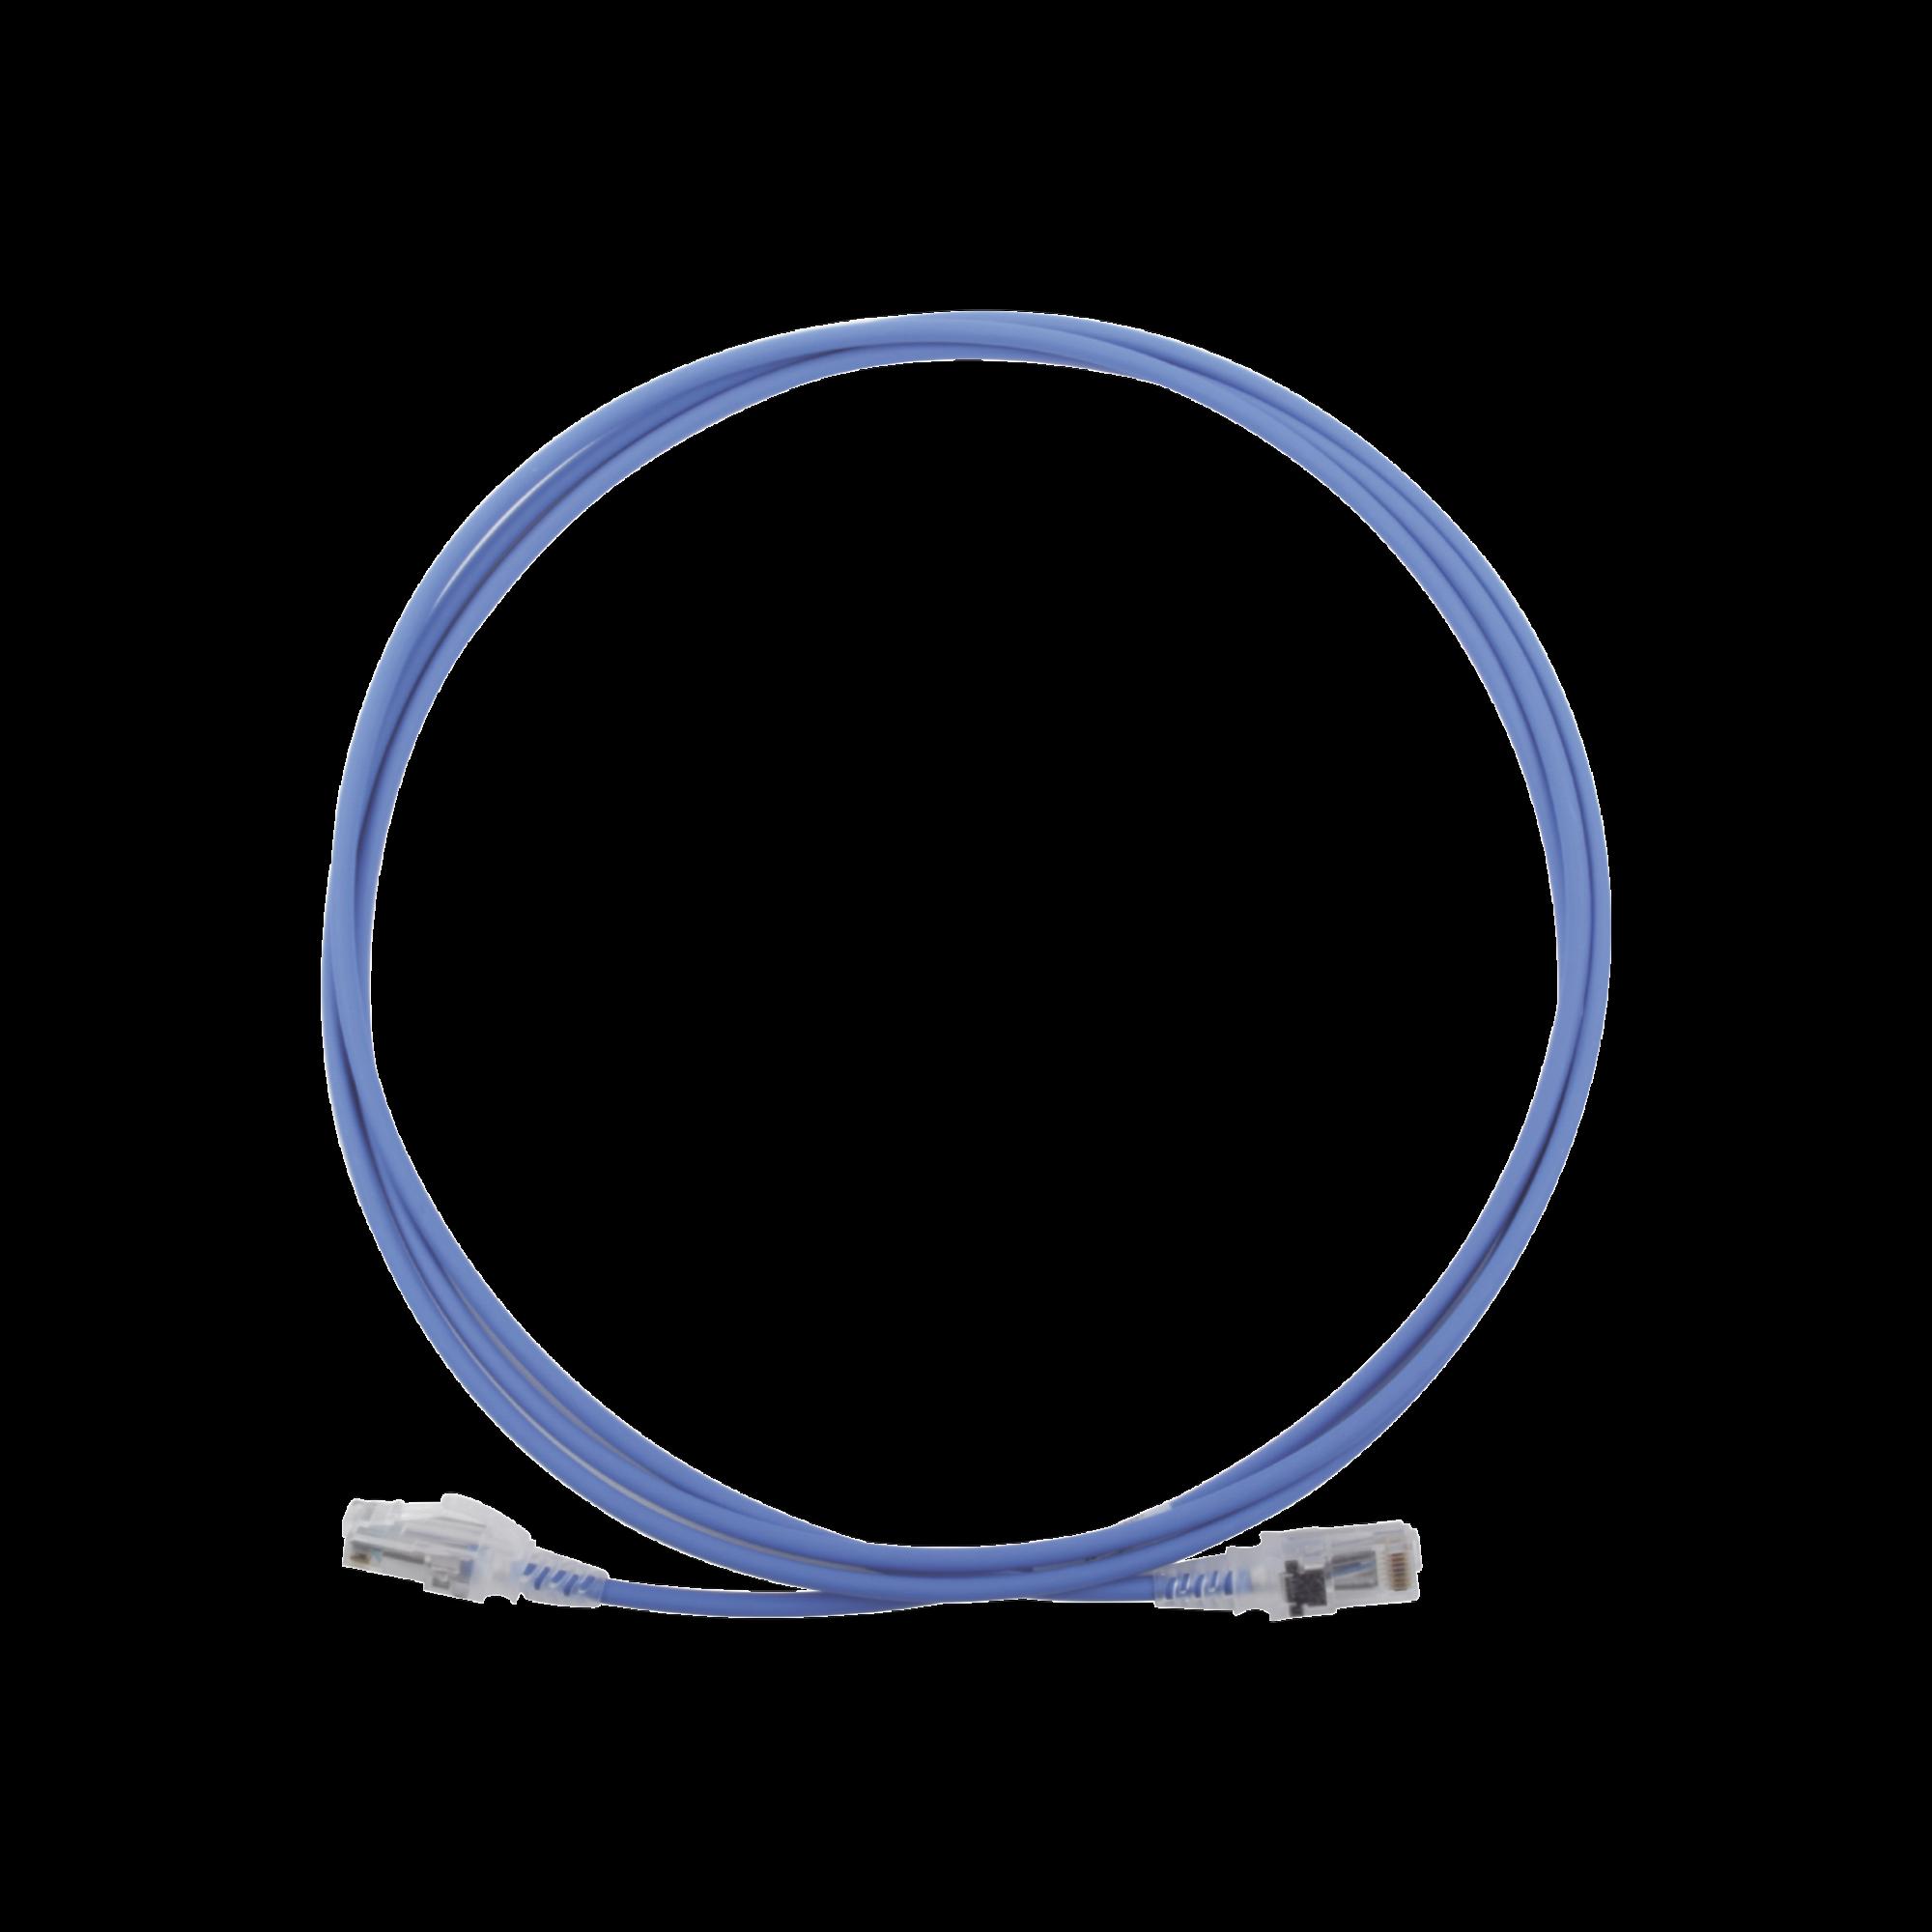 Patch Cord MC6 Modular Cat6 UTP, CM/LS0H, 7ft, Color Azul, Diámetro Reducido (28AWG)